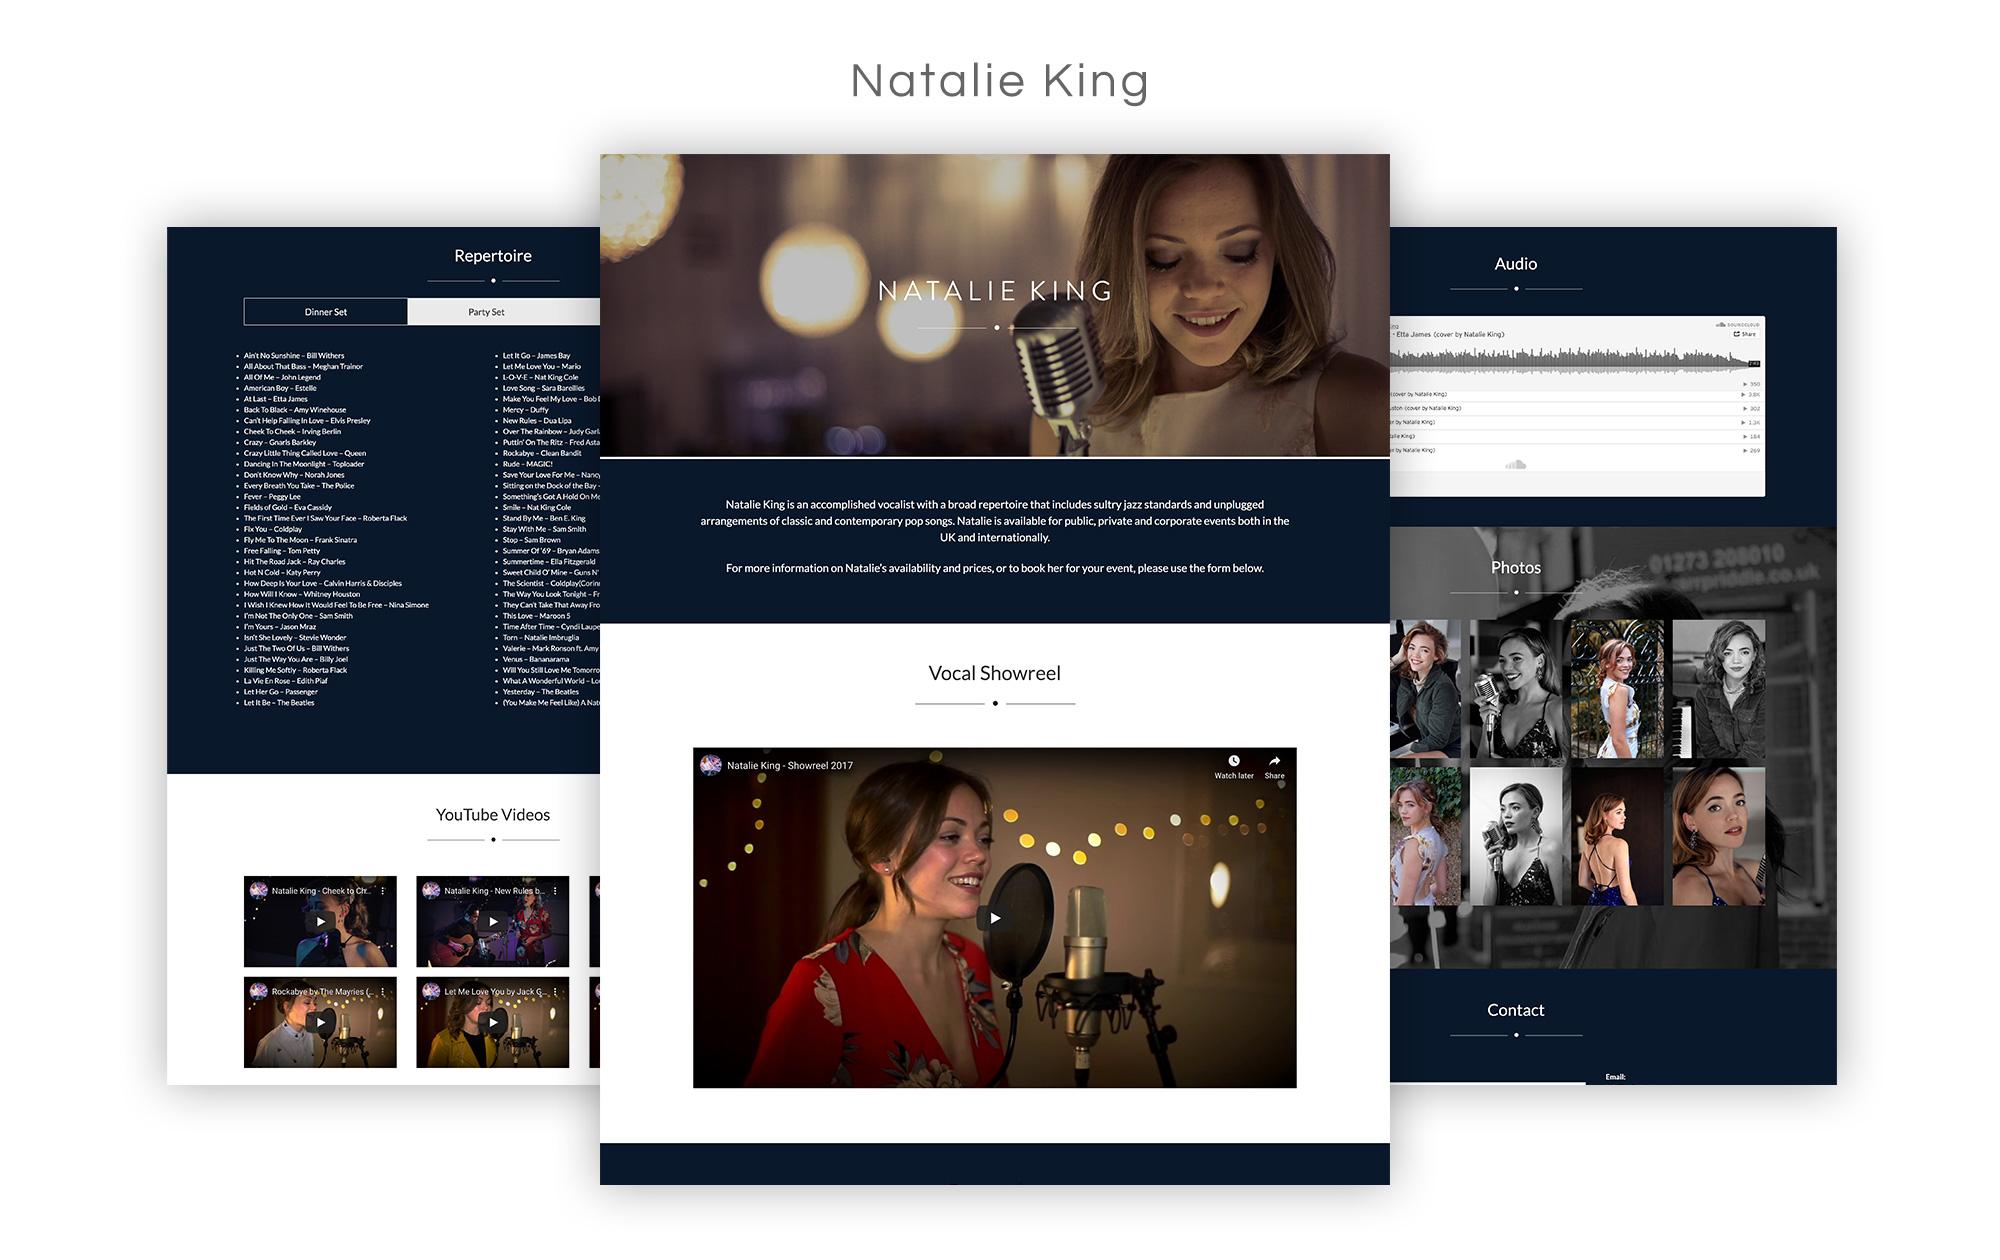 Natalie King Website